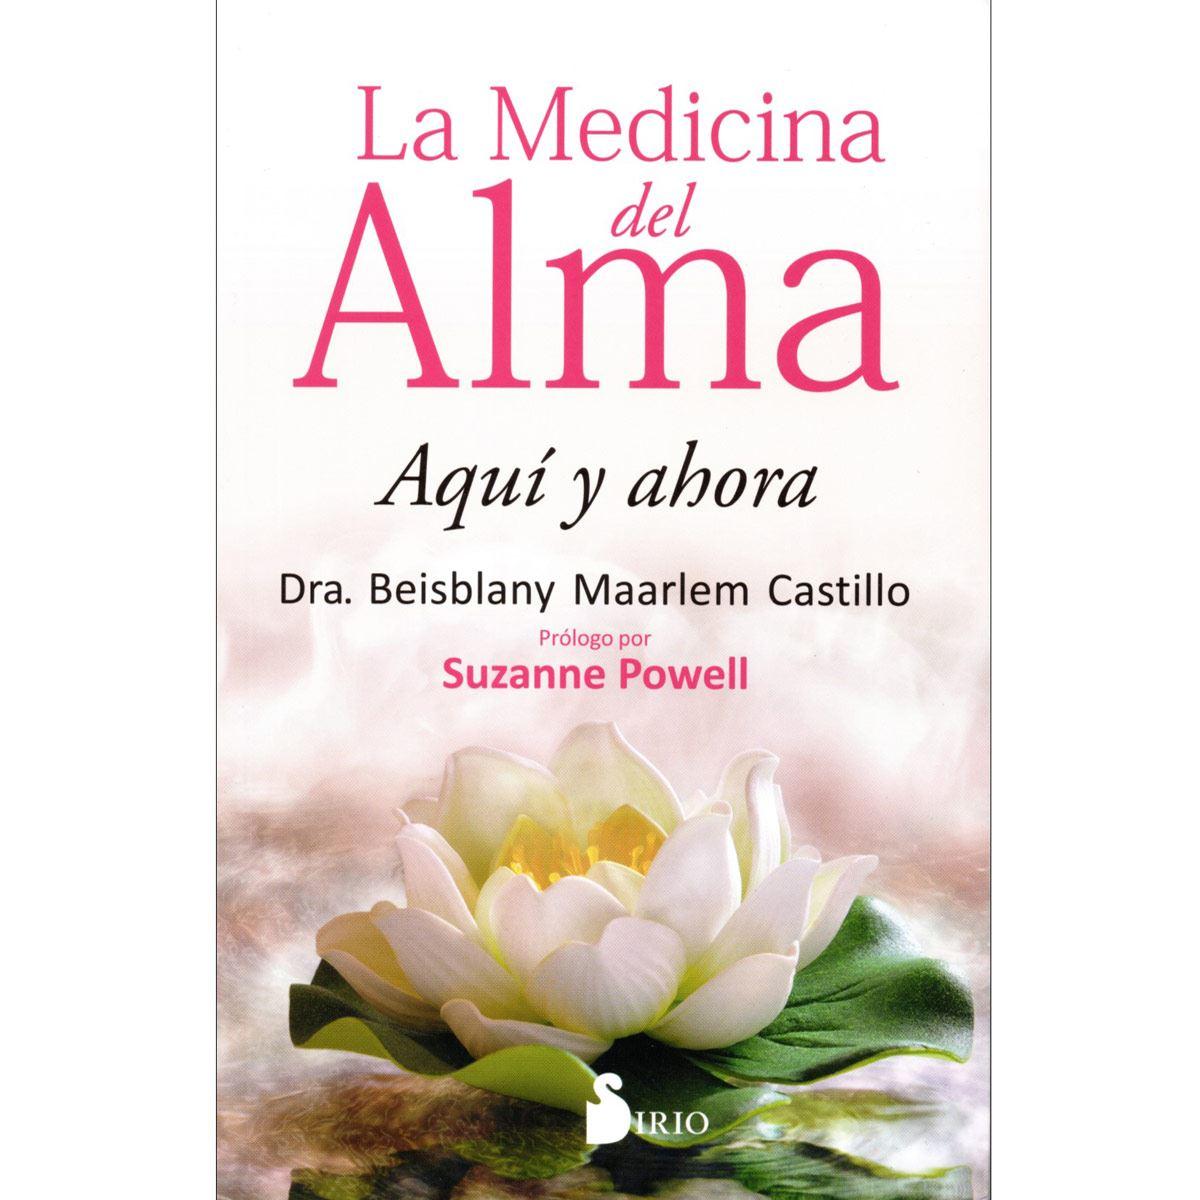 La medicina del alma. Aquí y ahora